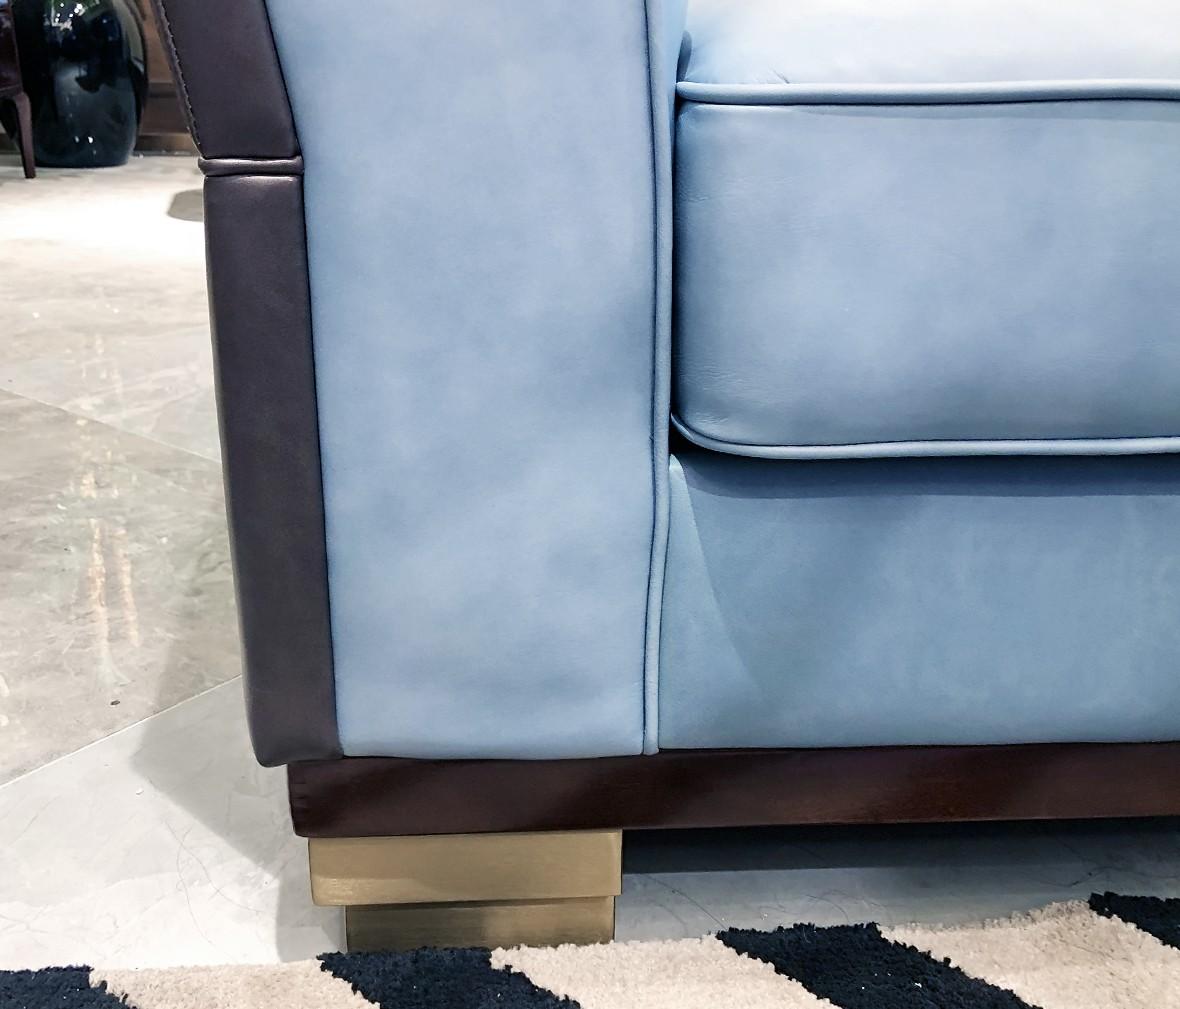 长实·轻奢 602型号1+2+3沙发 进口牛皮材质客厅沙发组合 图片、价格、品牌、评测样样齐全!【蓝景商城正品行货,蓝景丽家大钟寺家居广场提货,北京地区配送,领券更优惠,线上线下同品同价,立即购买享受更多优惠哦!】